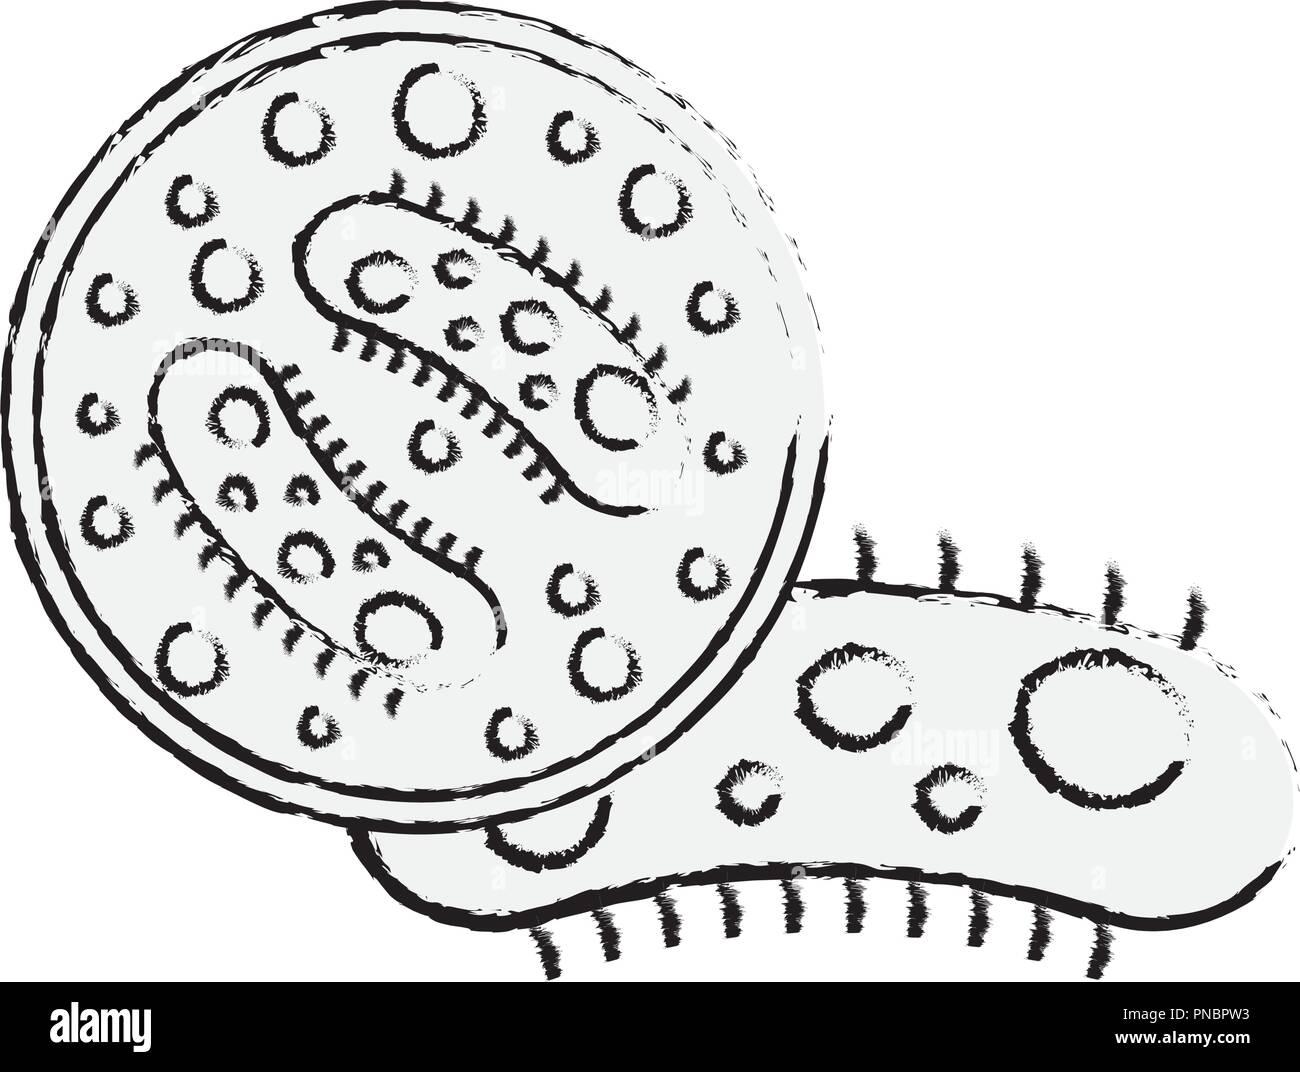 Virologie germ Bakterien Petrischale Wissenschaft Stockbild